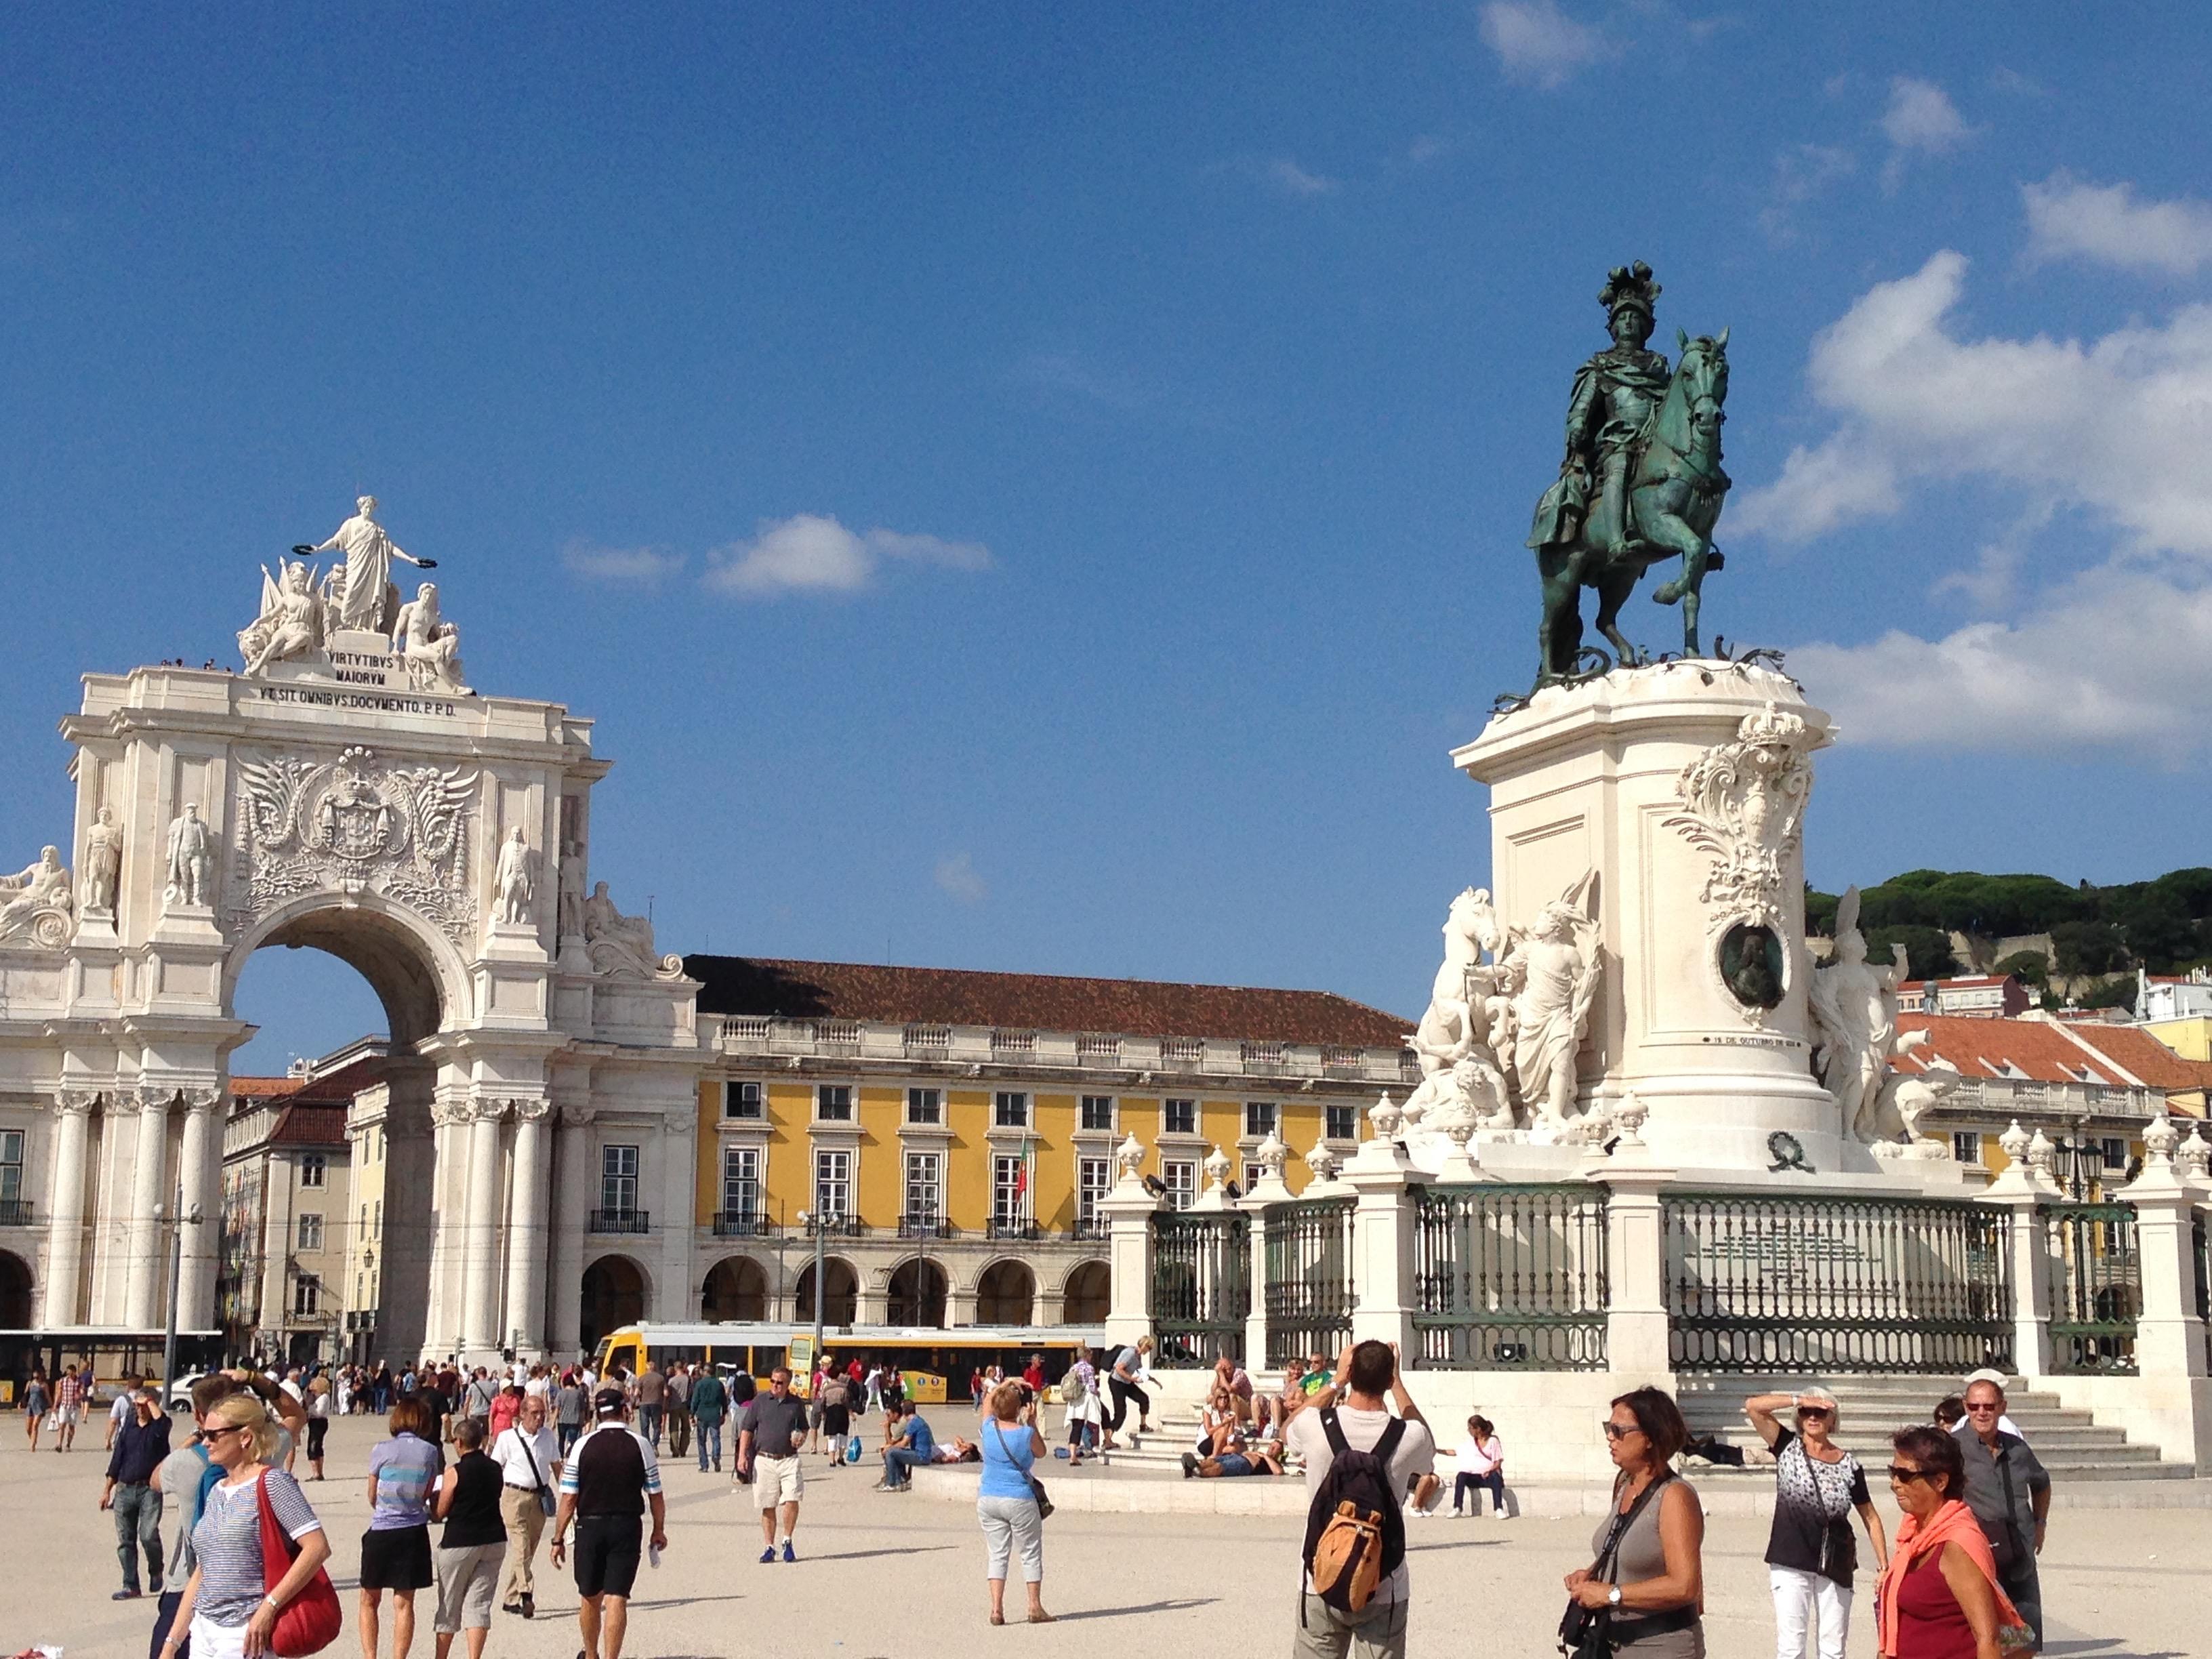 リスボンの中心に位置するTerreiro do Paço